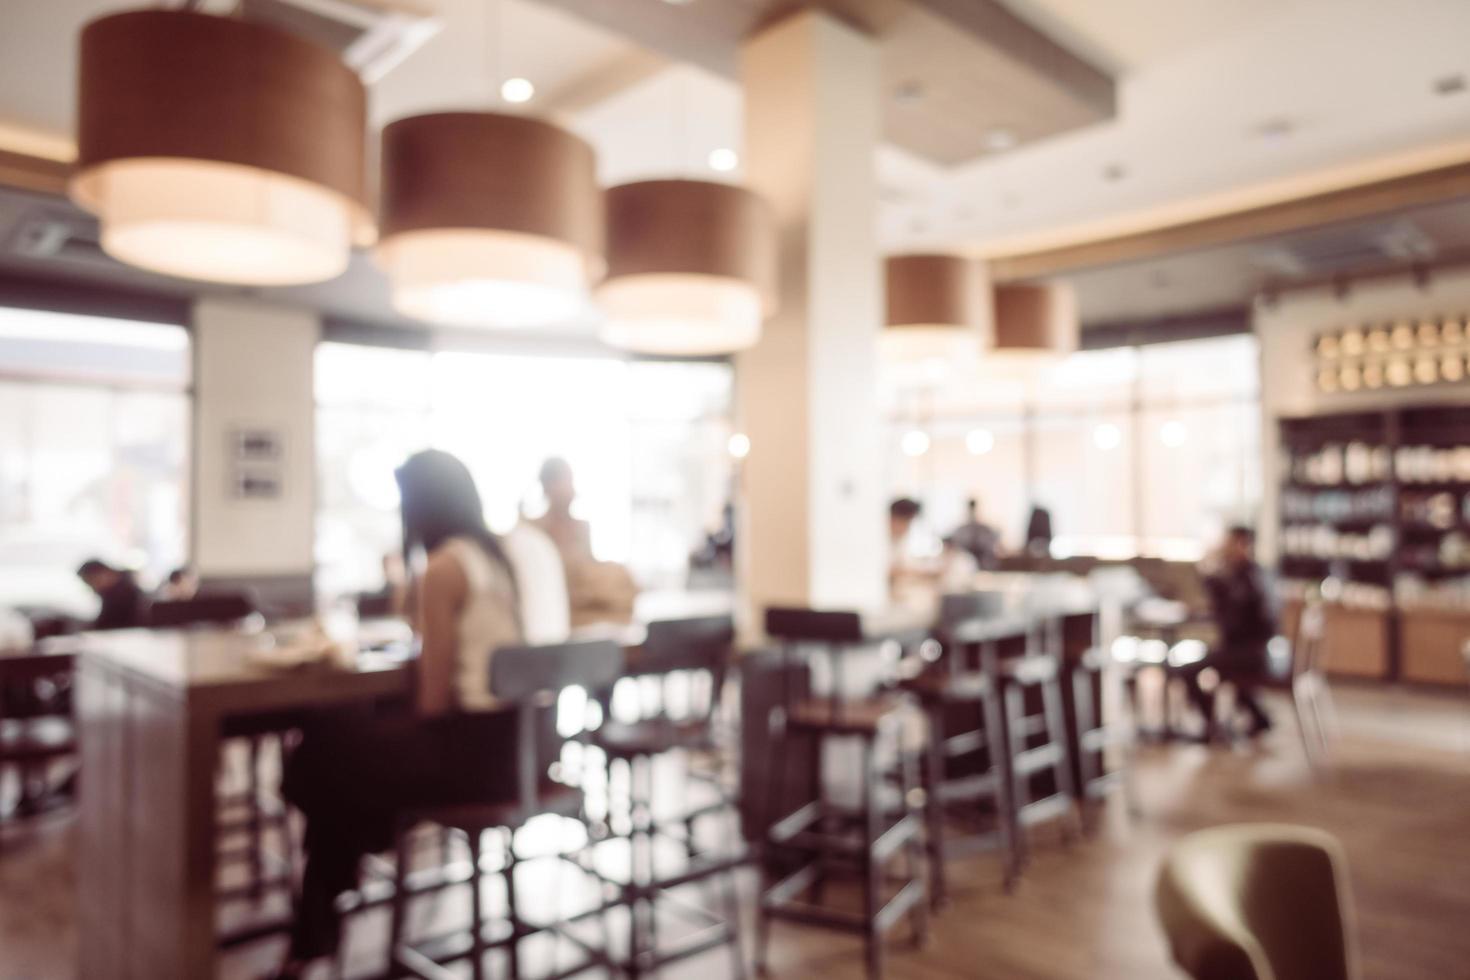 abstrakte Unschärfe Coffeeshop und Restaurant Interieur foto